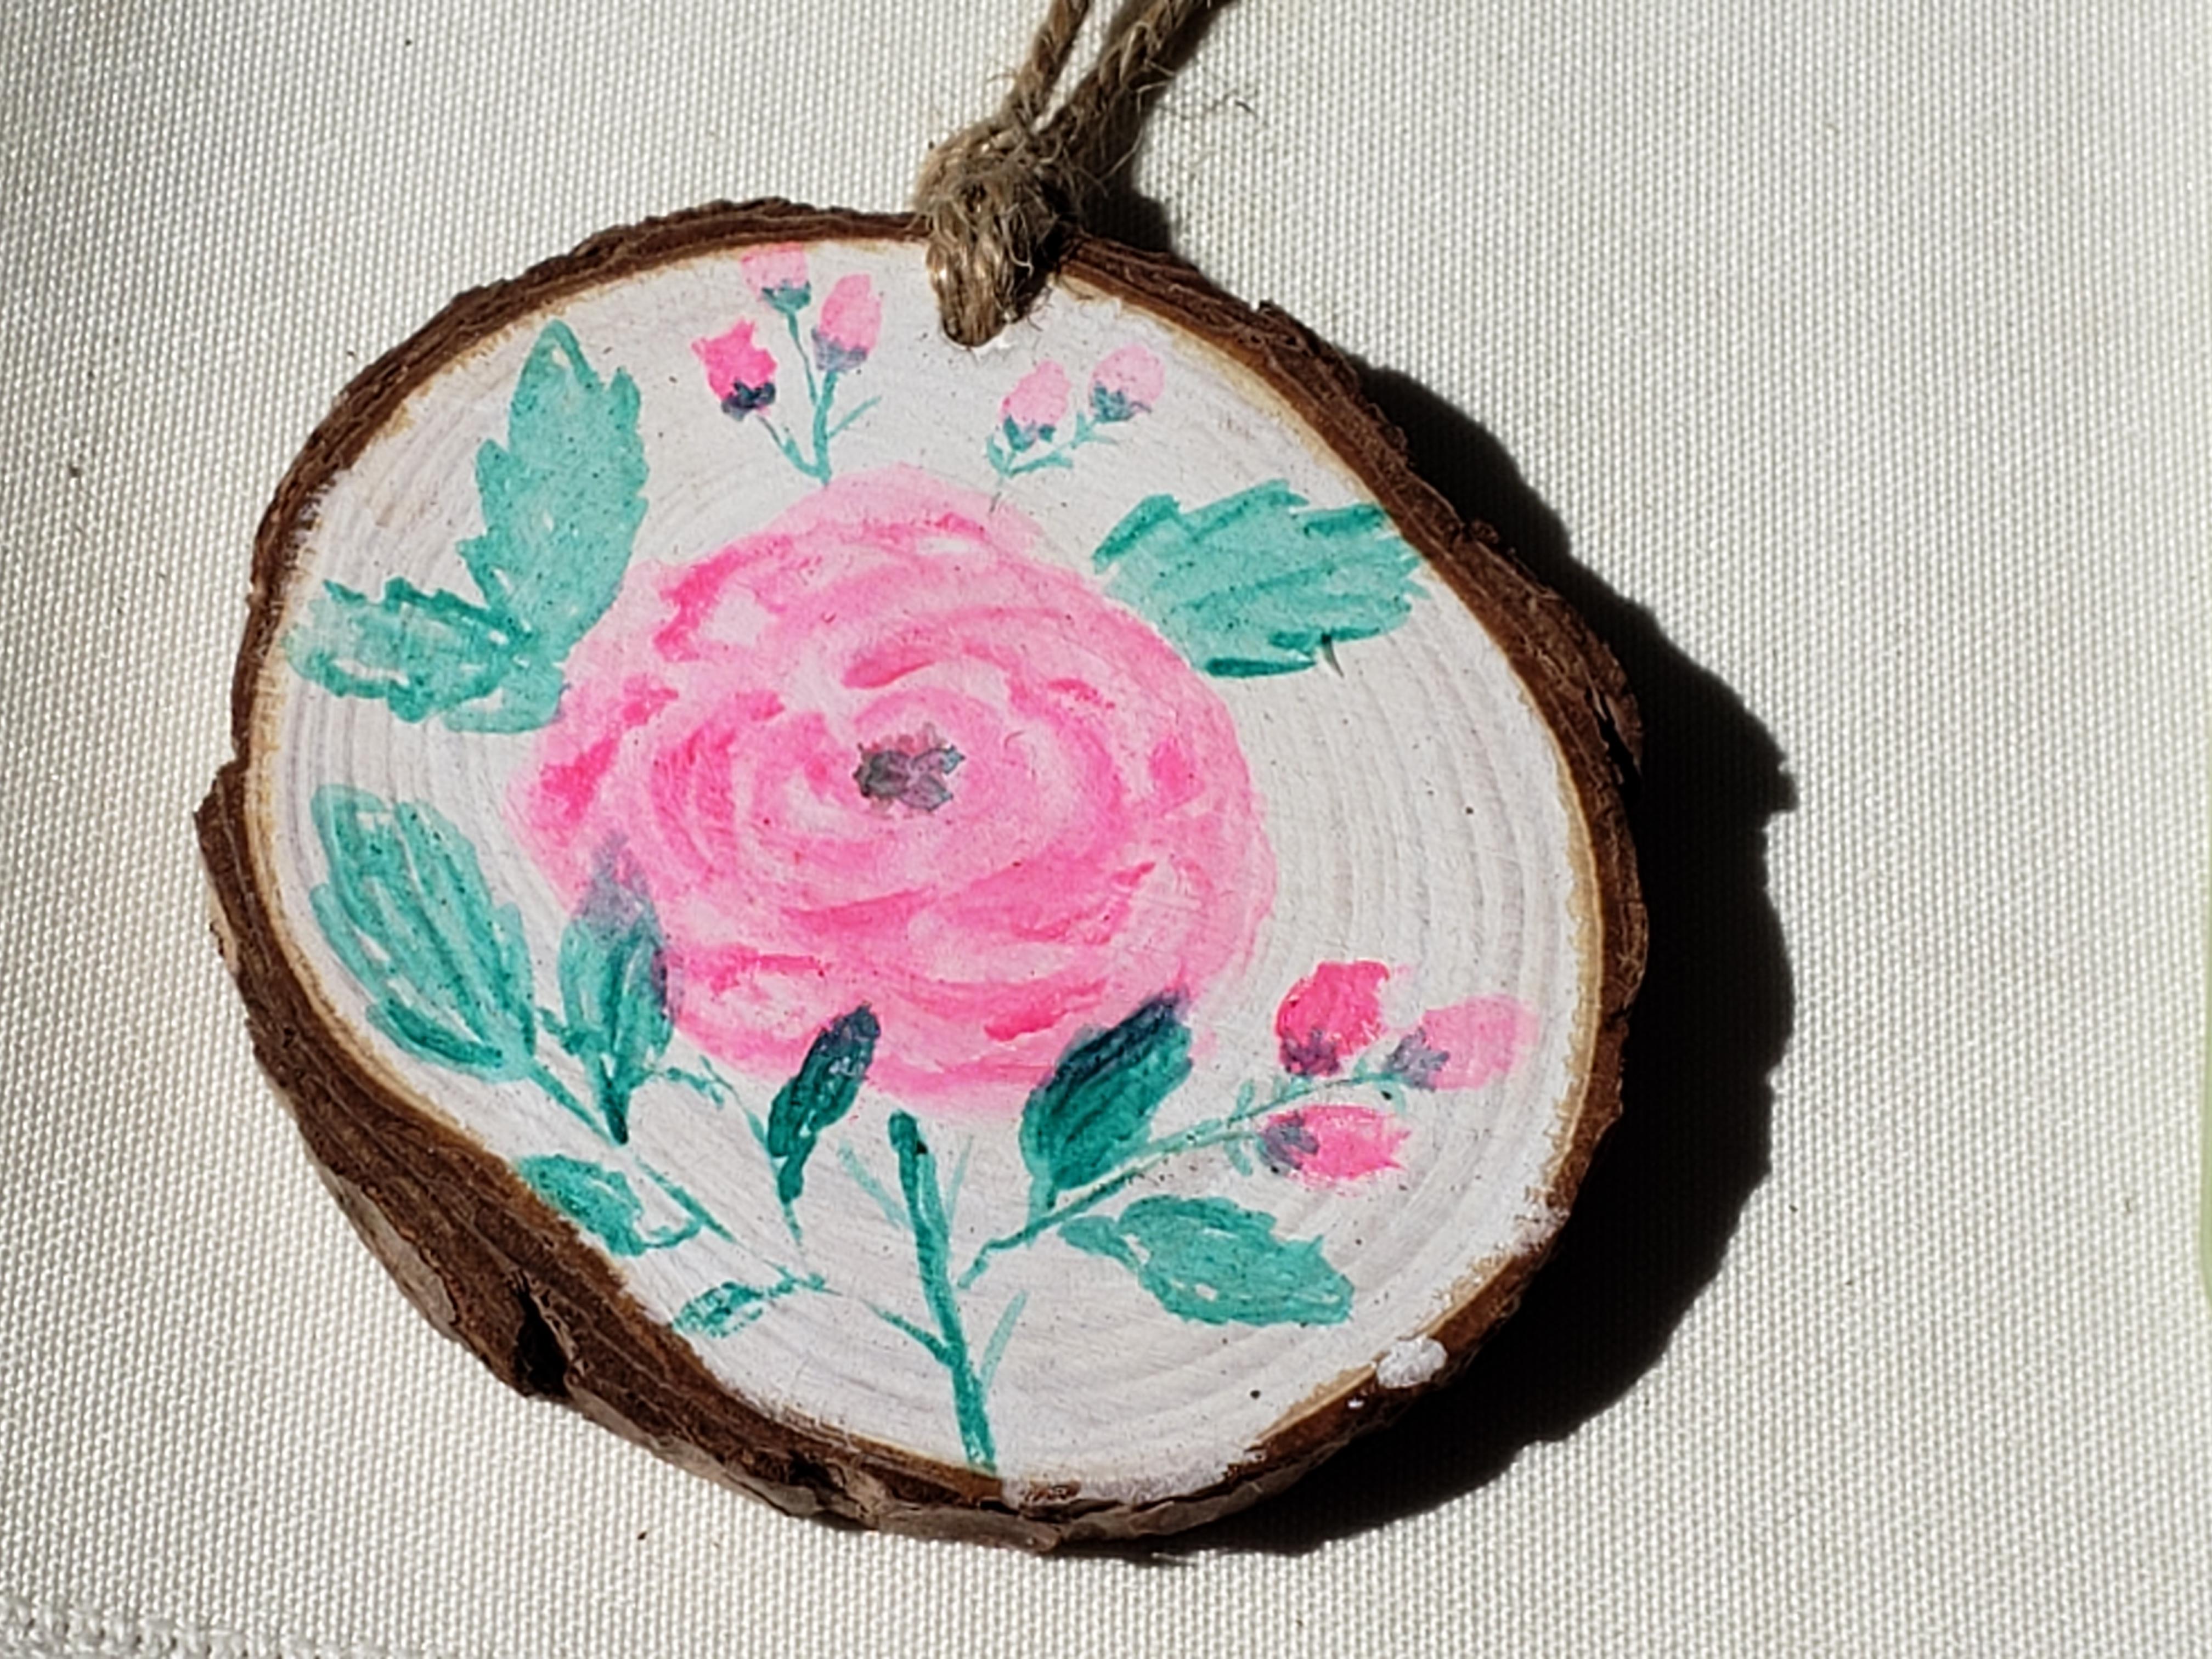 WSP-20-007 Pink roses